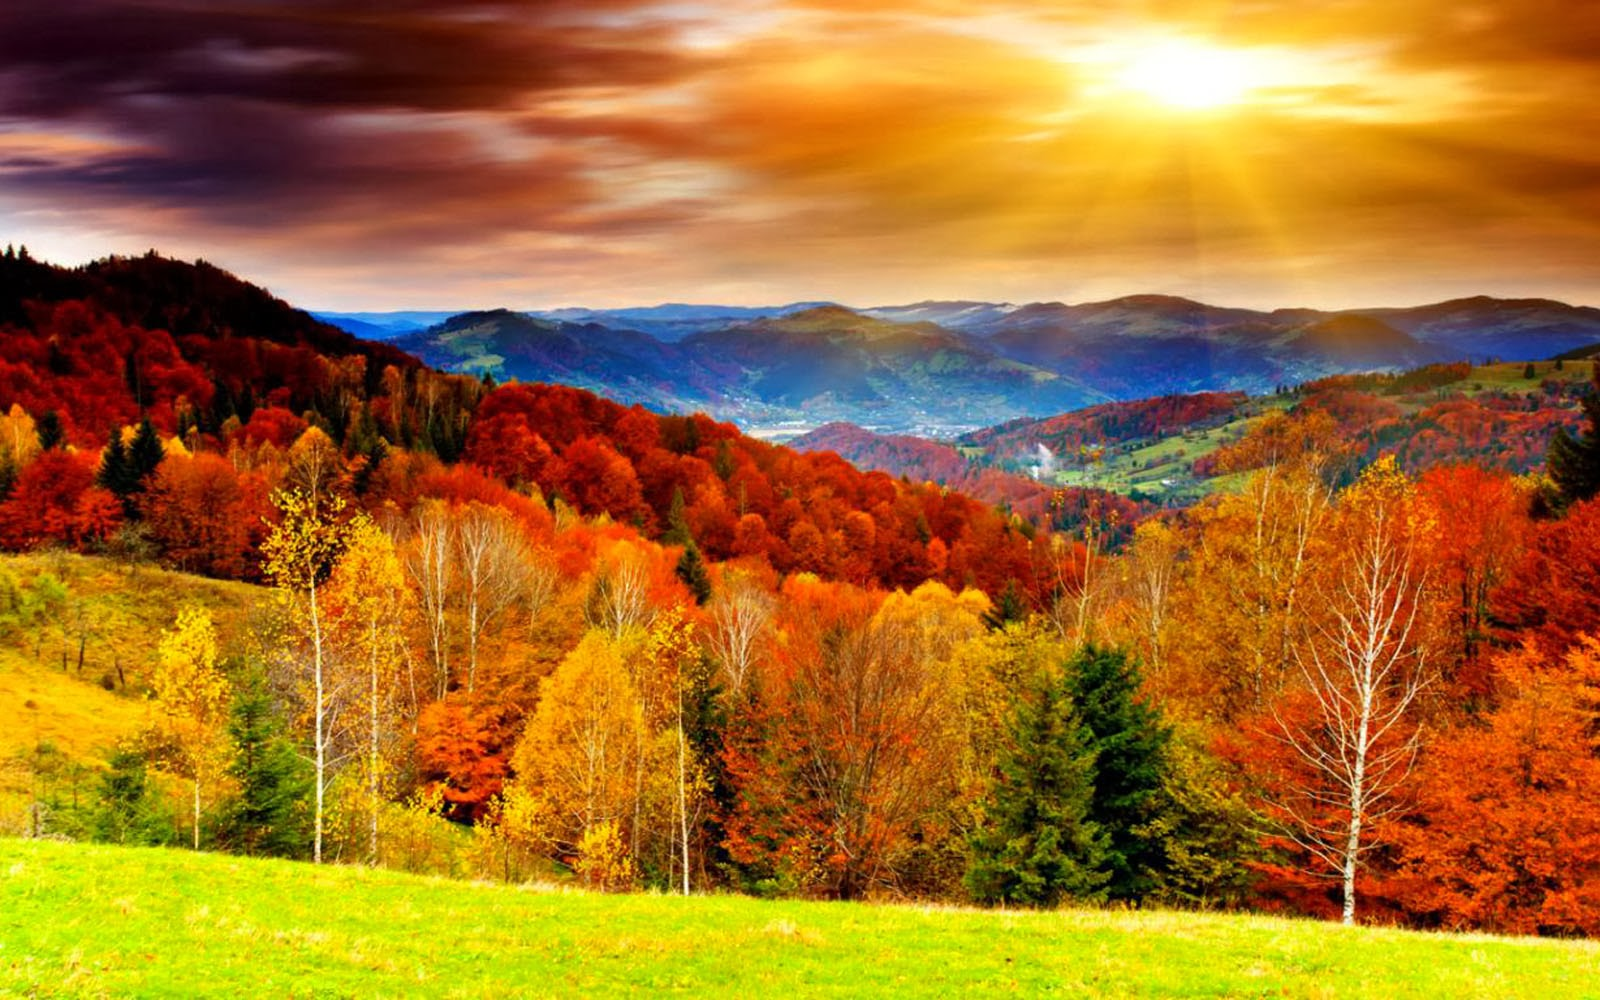 art pictures Autumn Scenery Desktop Wallpapers 1600x1000